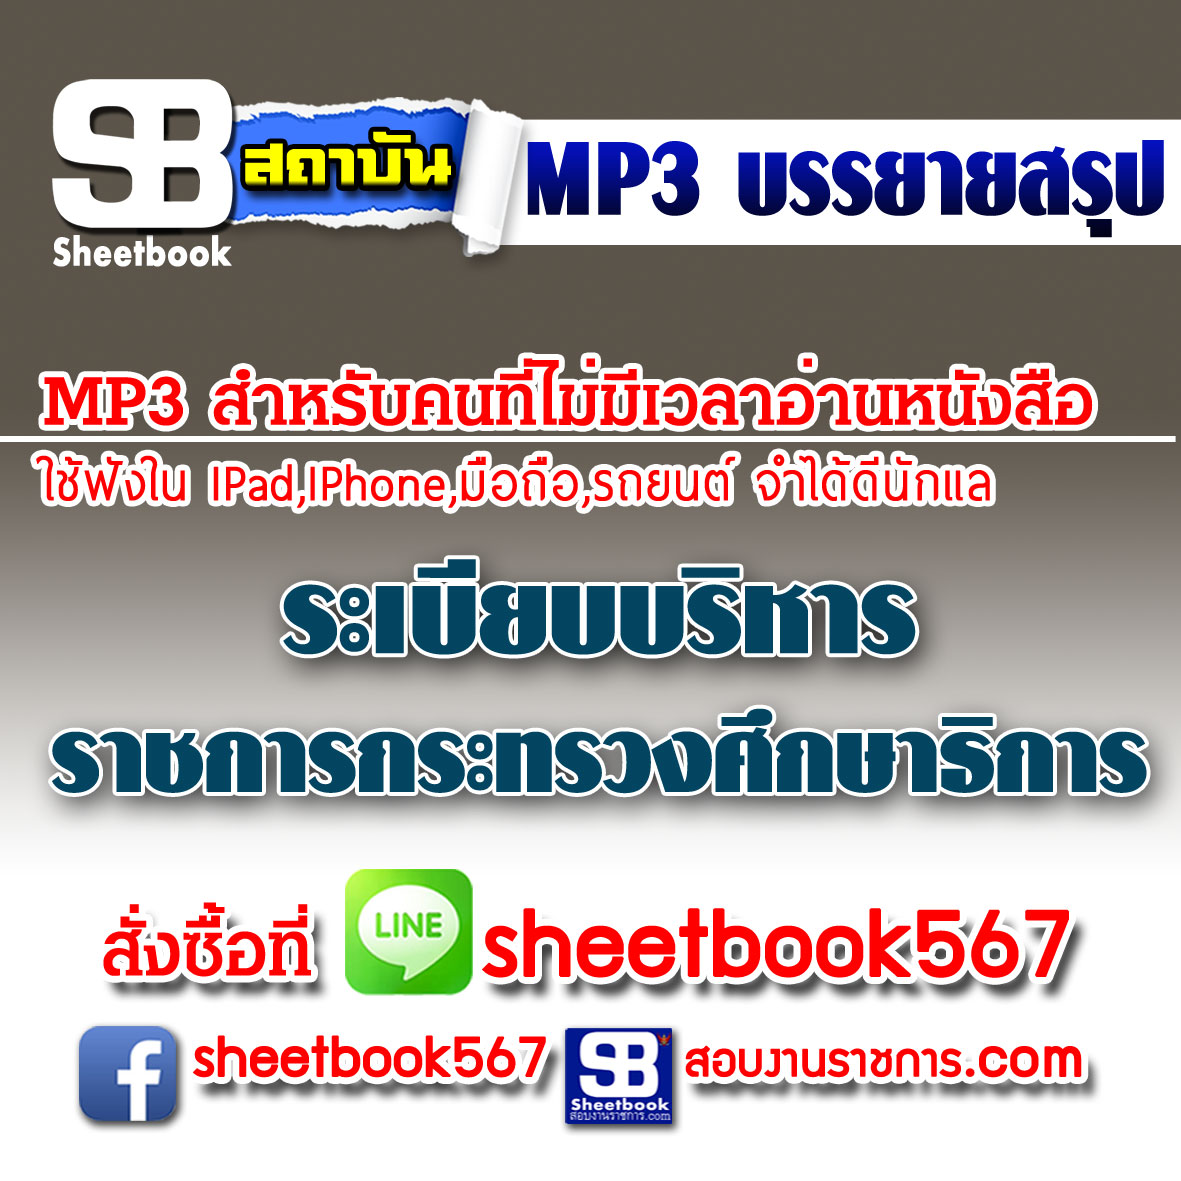 P013 - ระเบียบบริหารราชการกระทรวงศึกษาธิการ